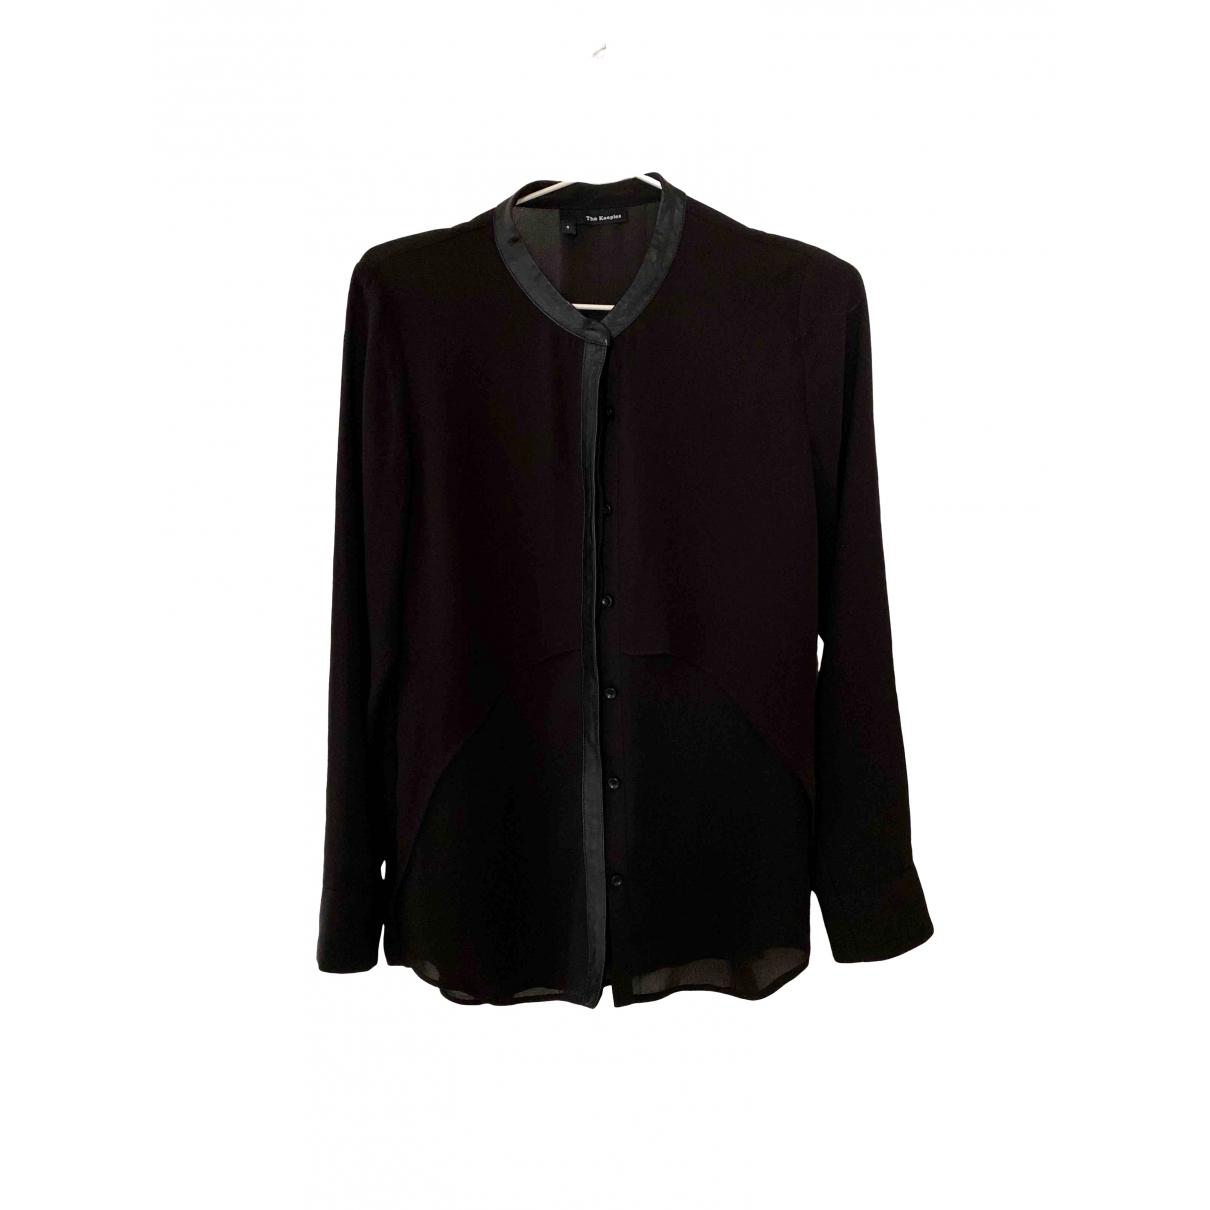 The Kooples \N Black  top for Women S International